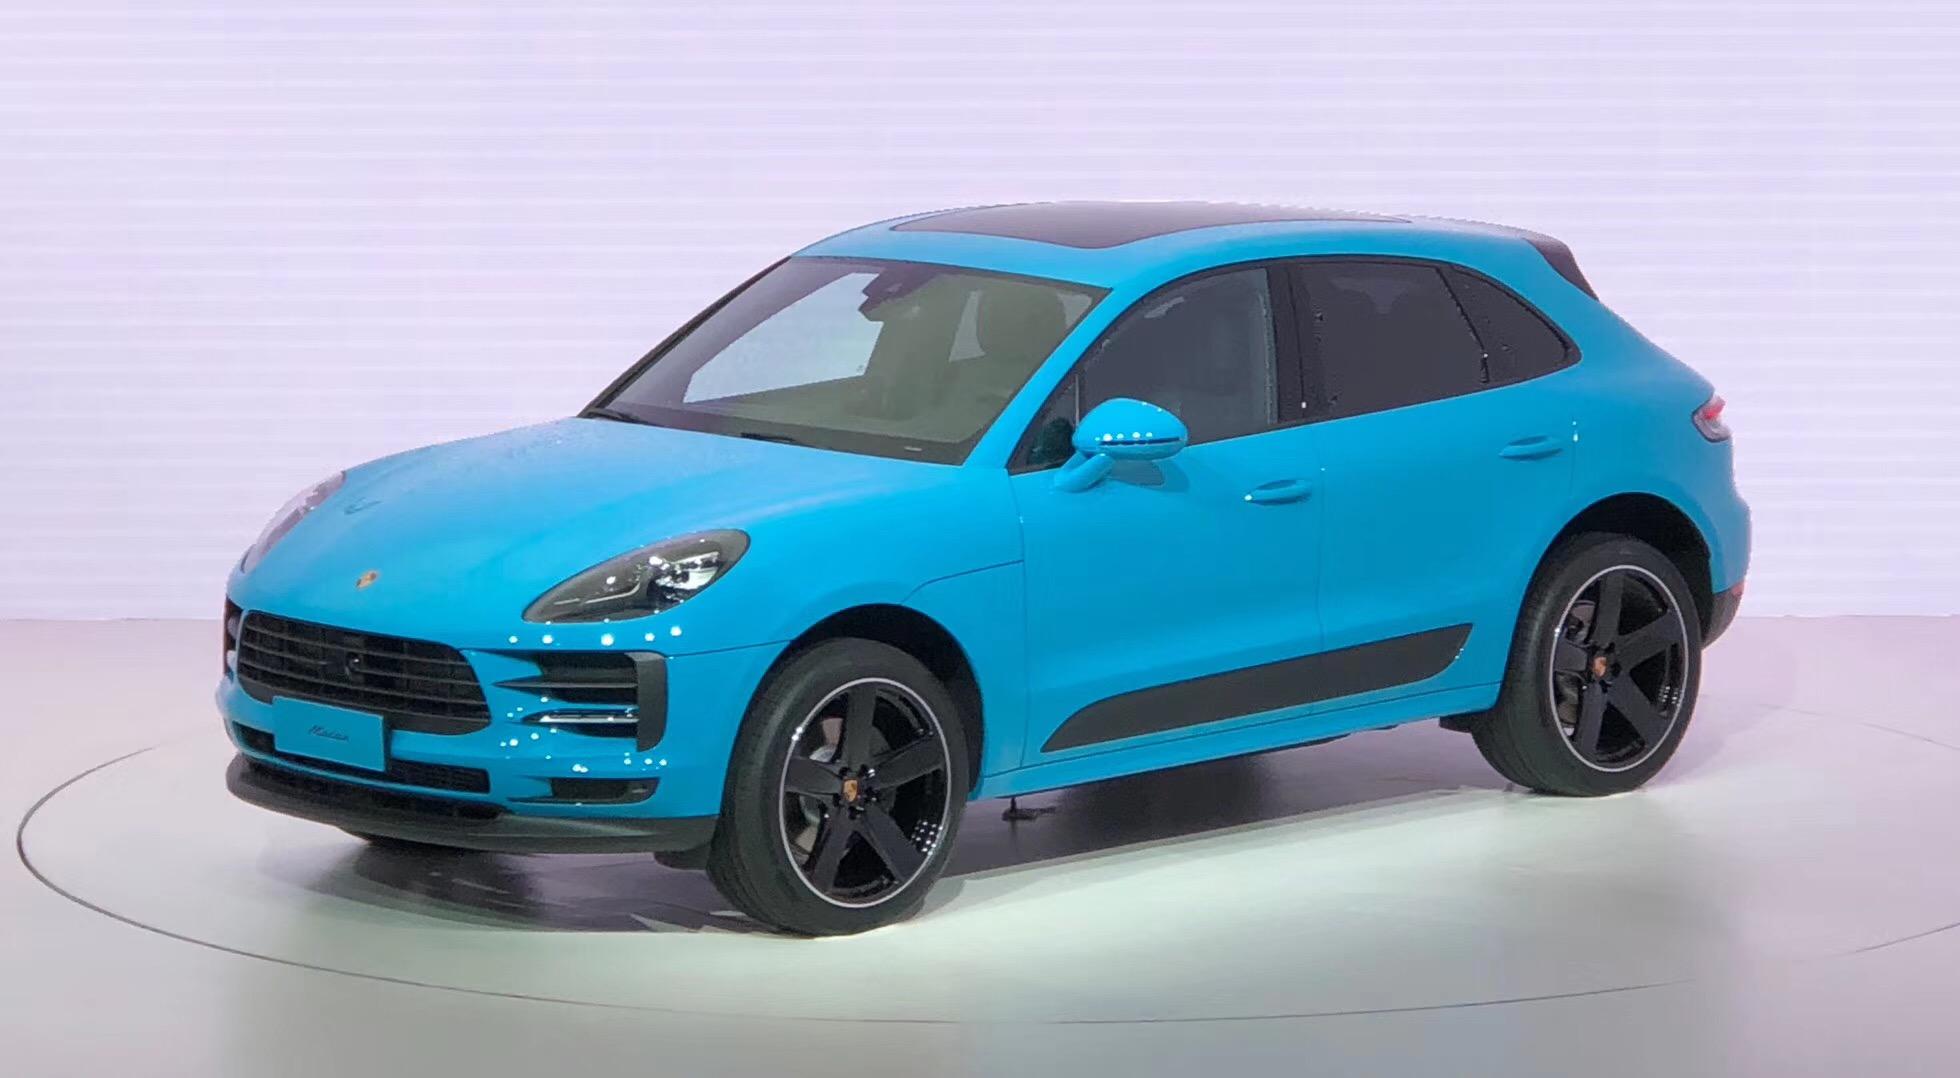 更换11寸中控大屏 保时捷Macan改款车型于上海全球首发